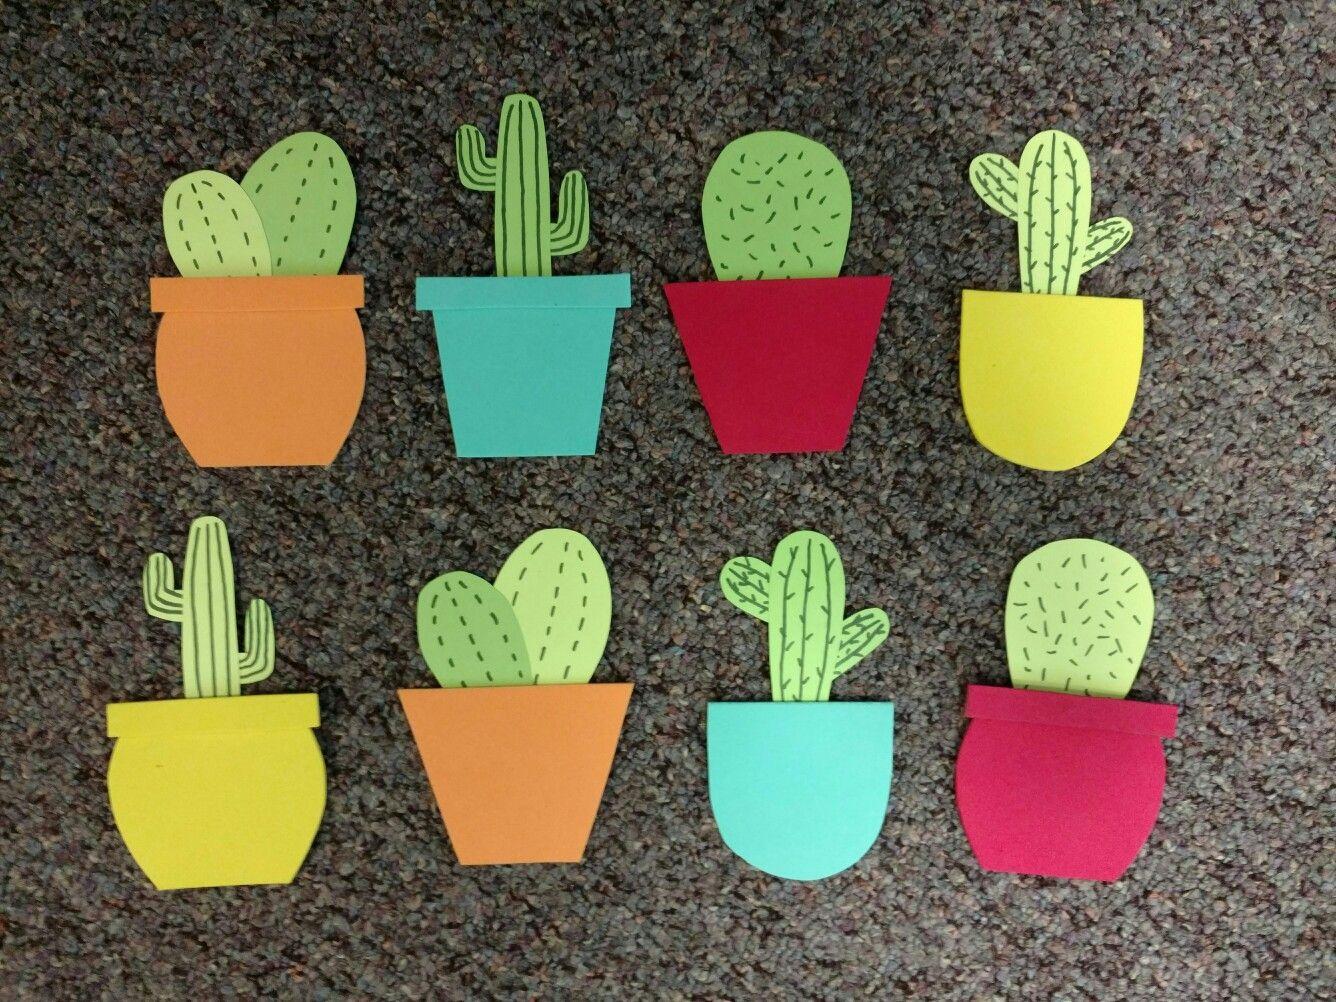 Cactus Door Decs & Cactus Door Decs | RA Board | Pinterest | Door decs Cacti and Doors